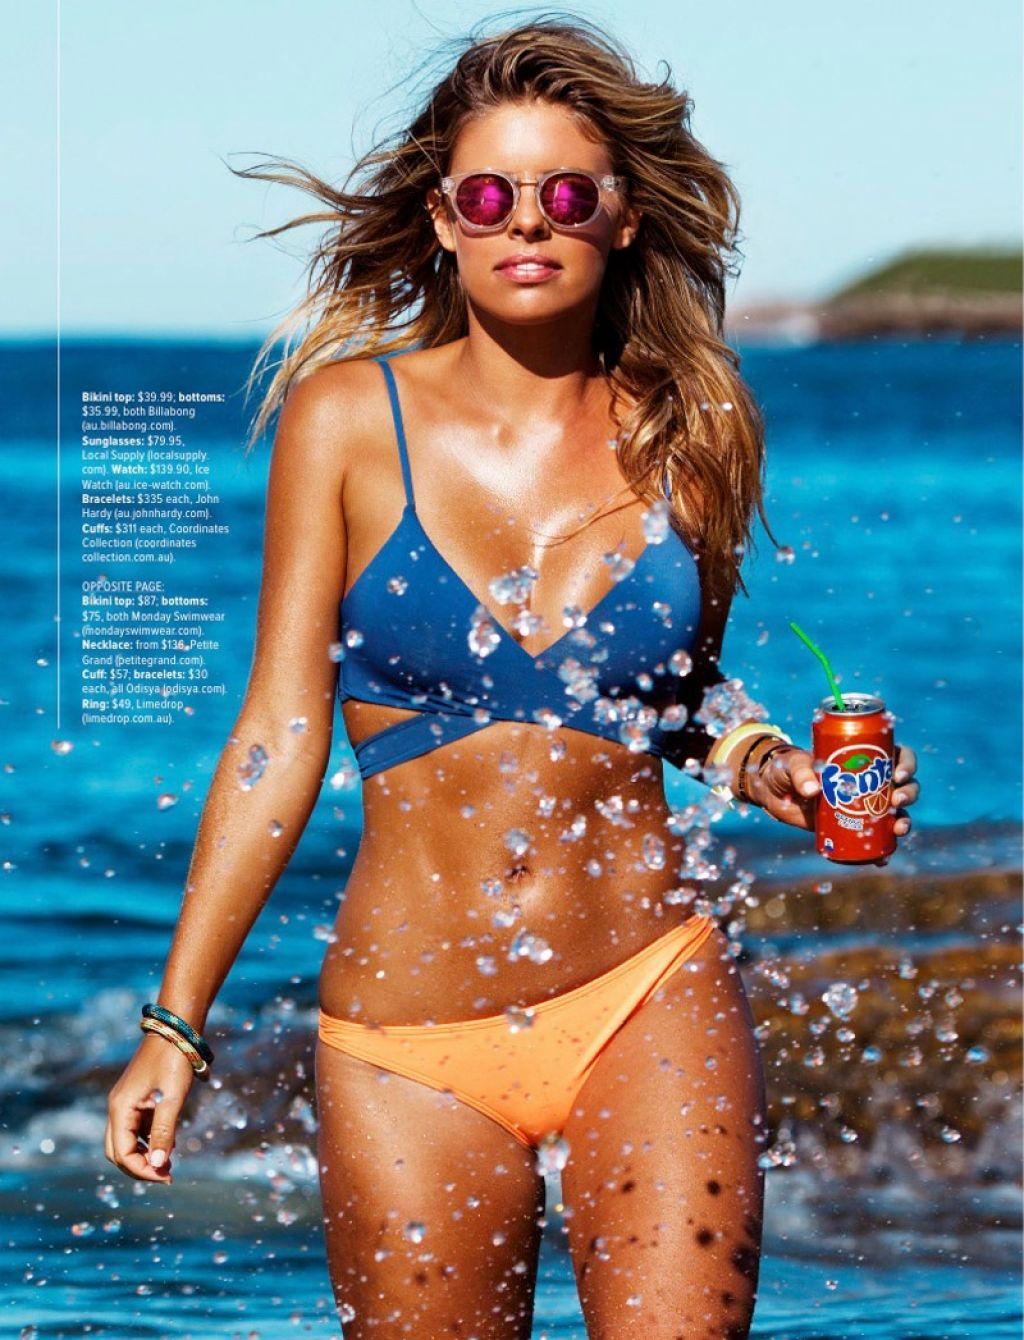 oakley bags australia 7e4c  Natasha Oakley  Cosmopolitan Magazine Australia November 2015 Issue